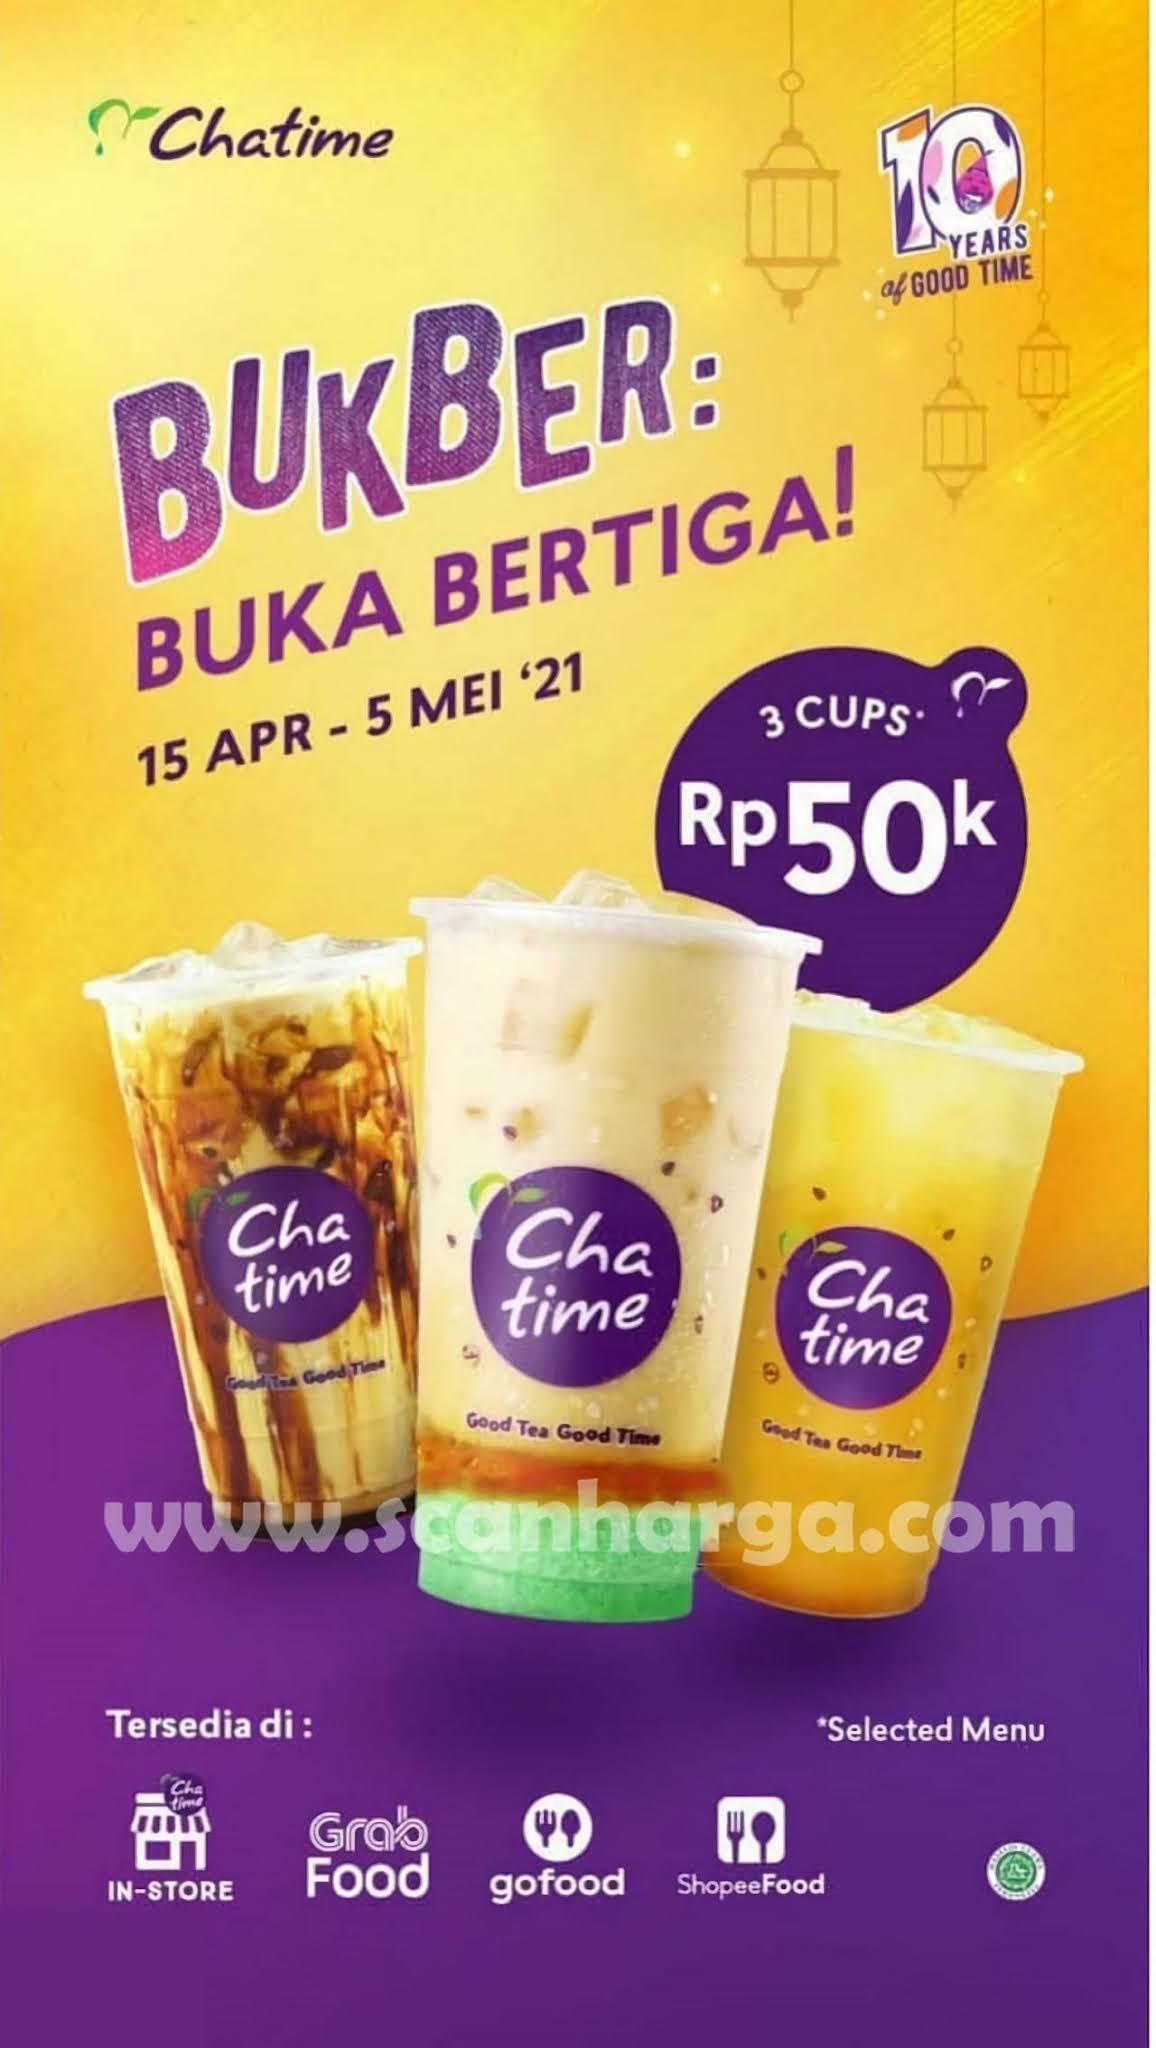 CHATIME Promo BUKBER Paket Buka Bertiga - 3 Cup hanya 50K